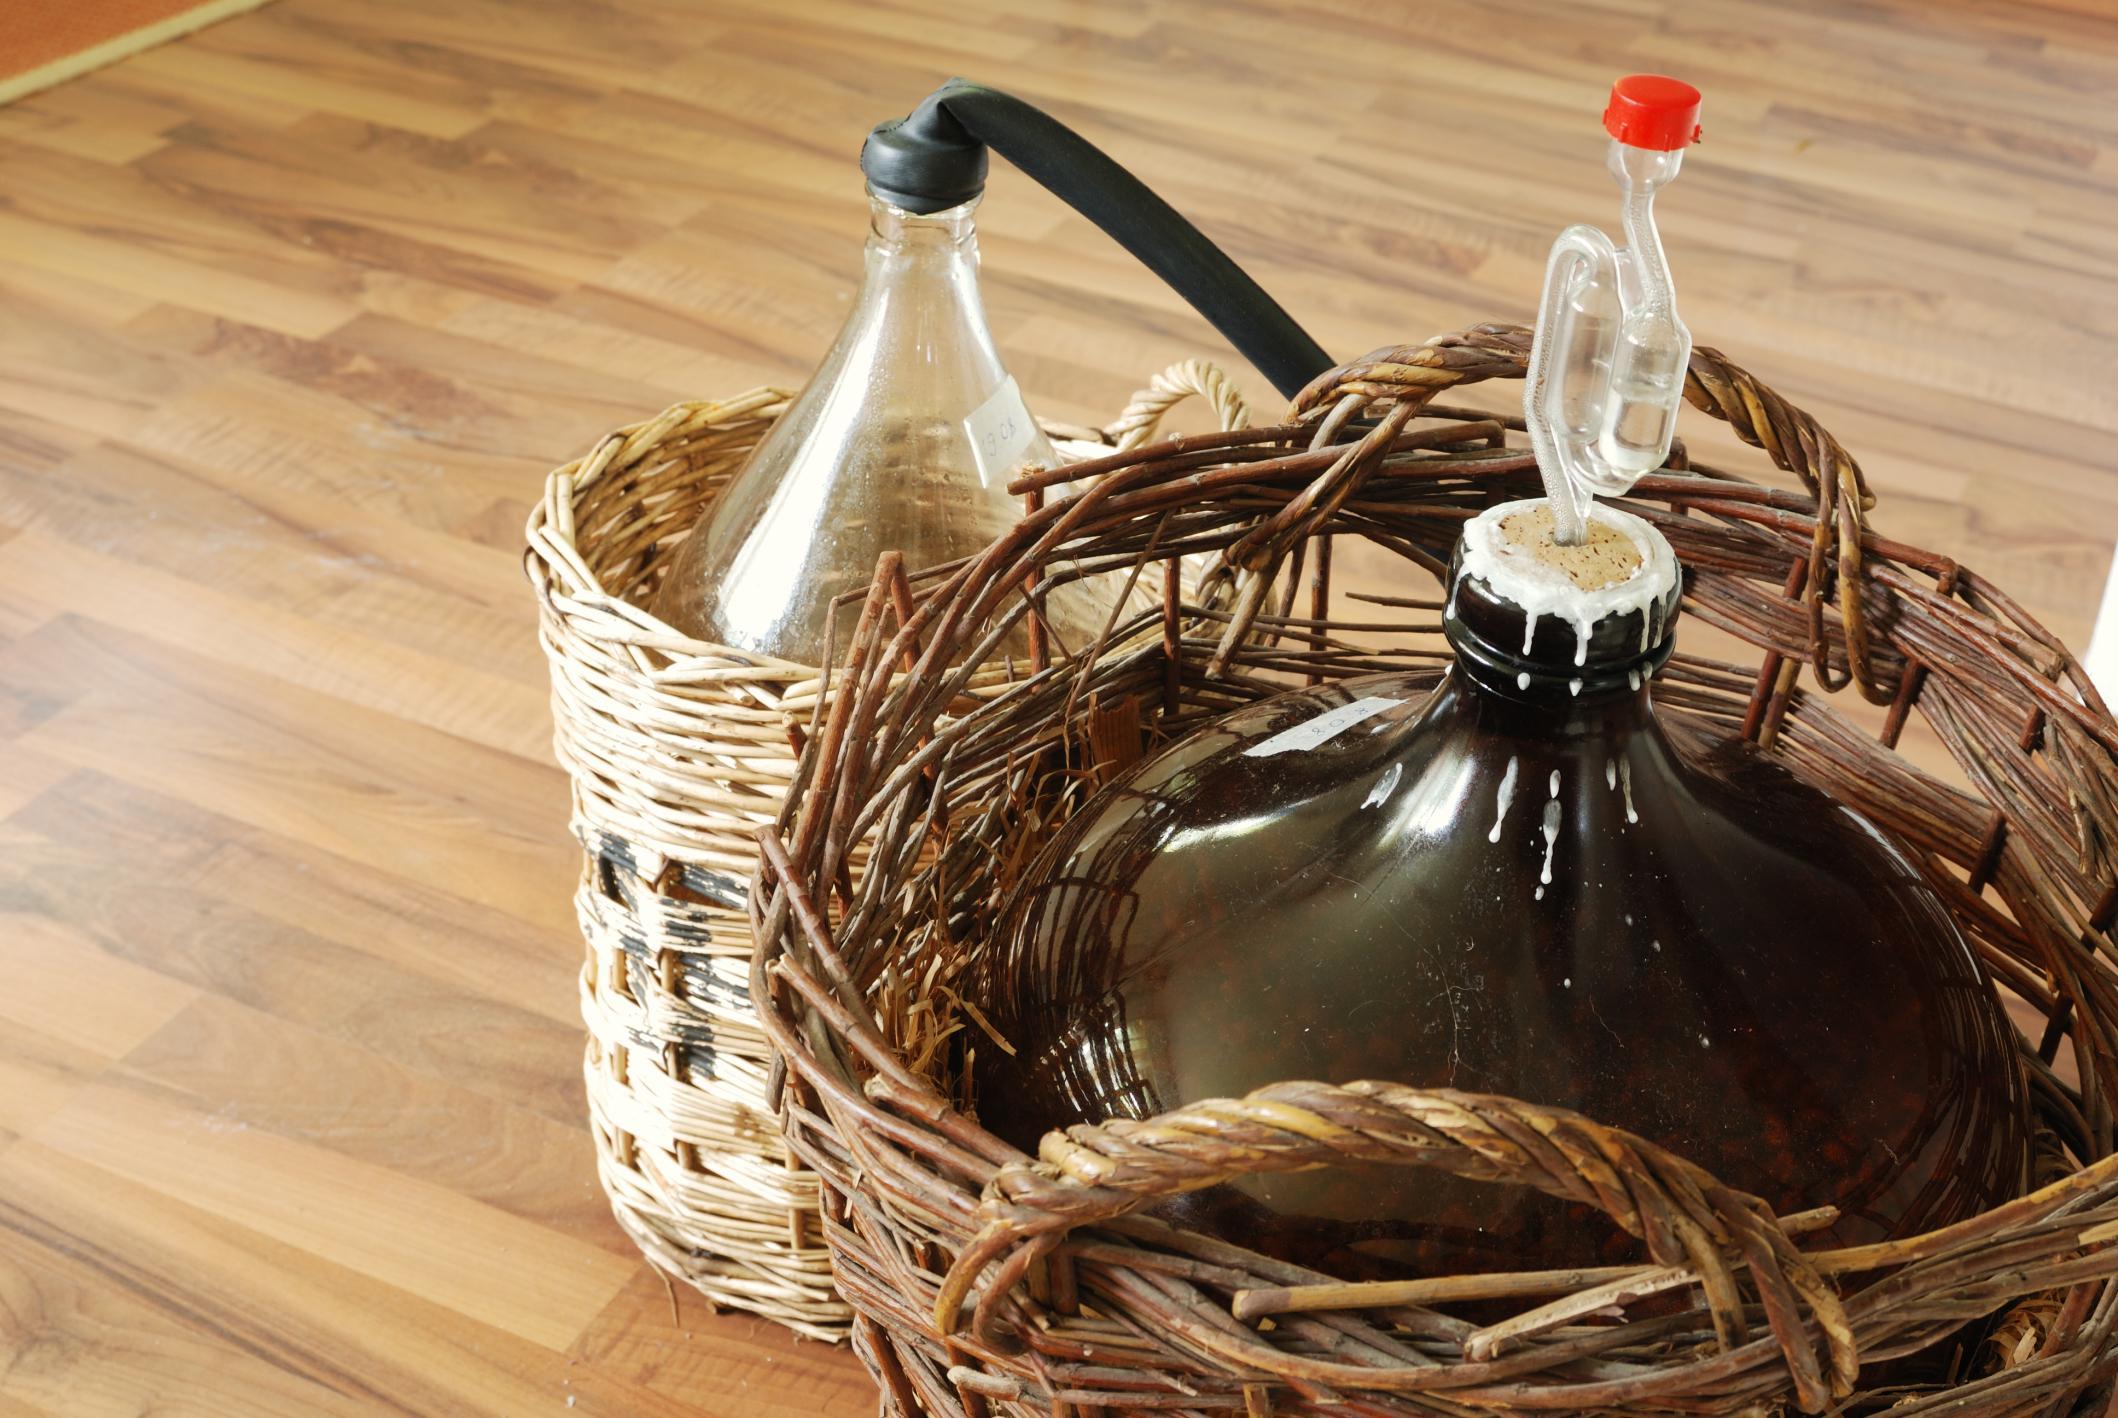 Как приготовить дрожжи для вина в домашних условиях